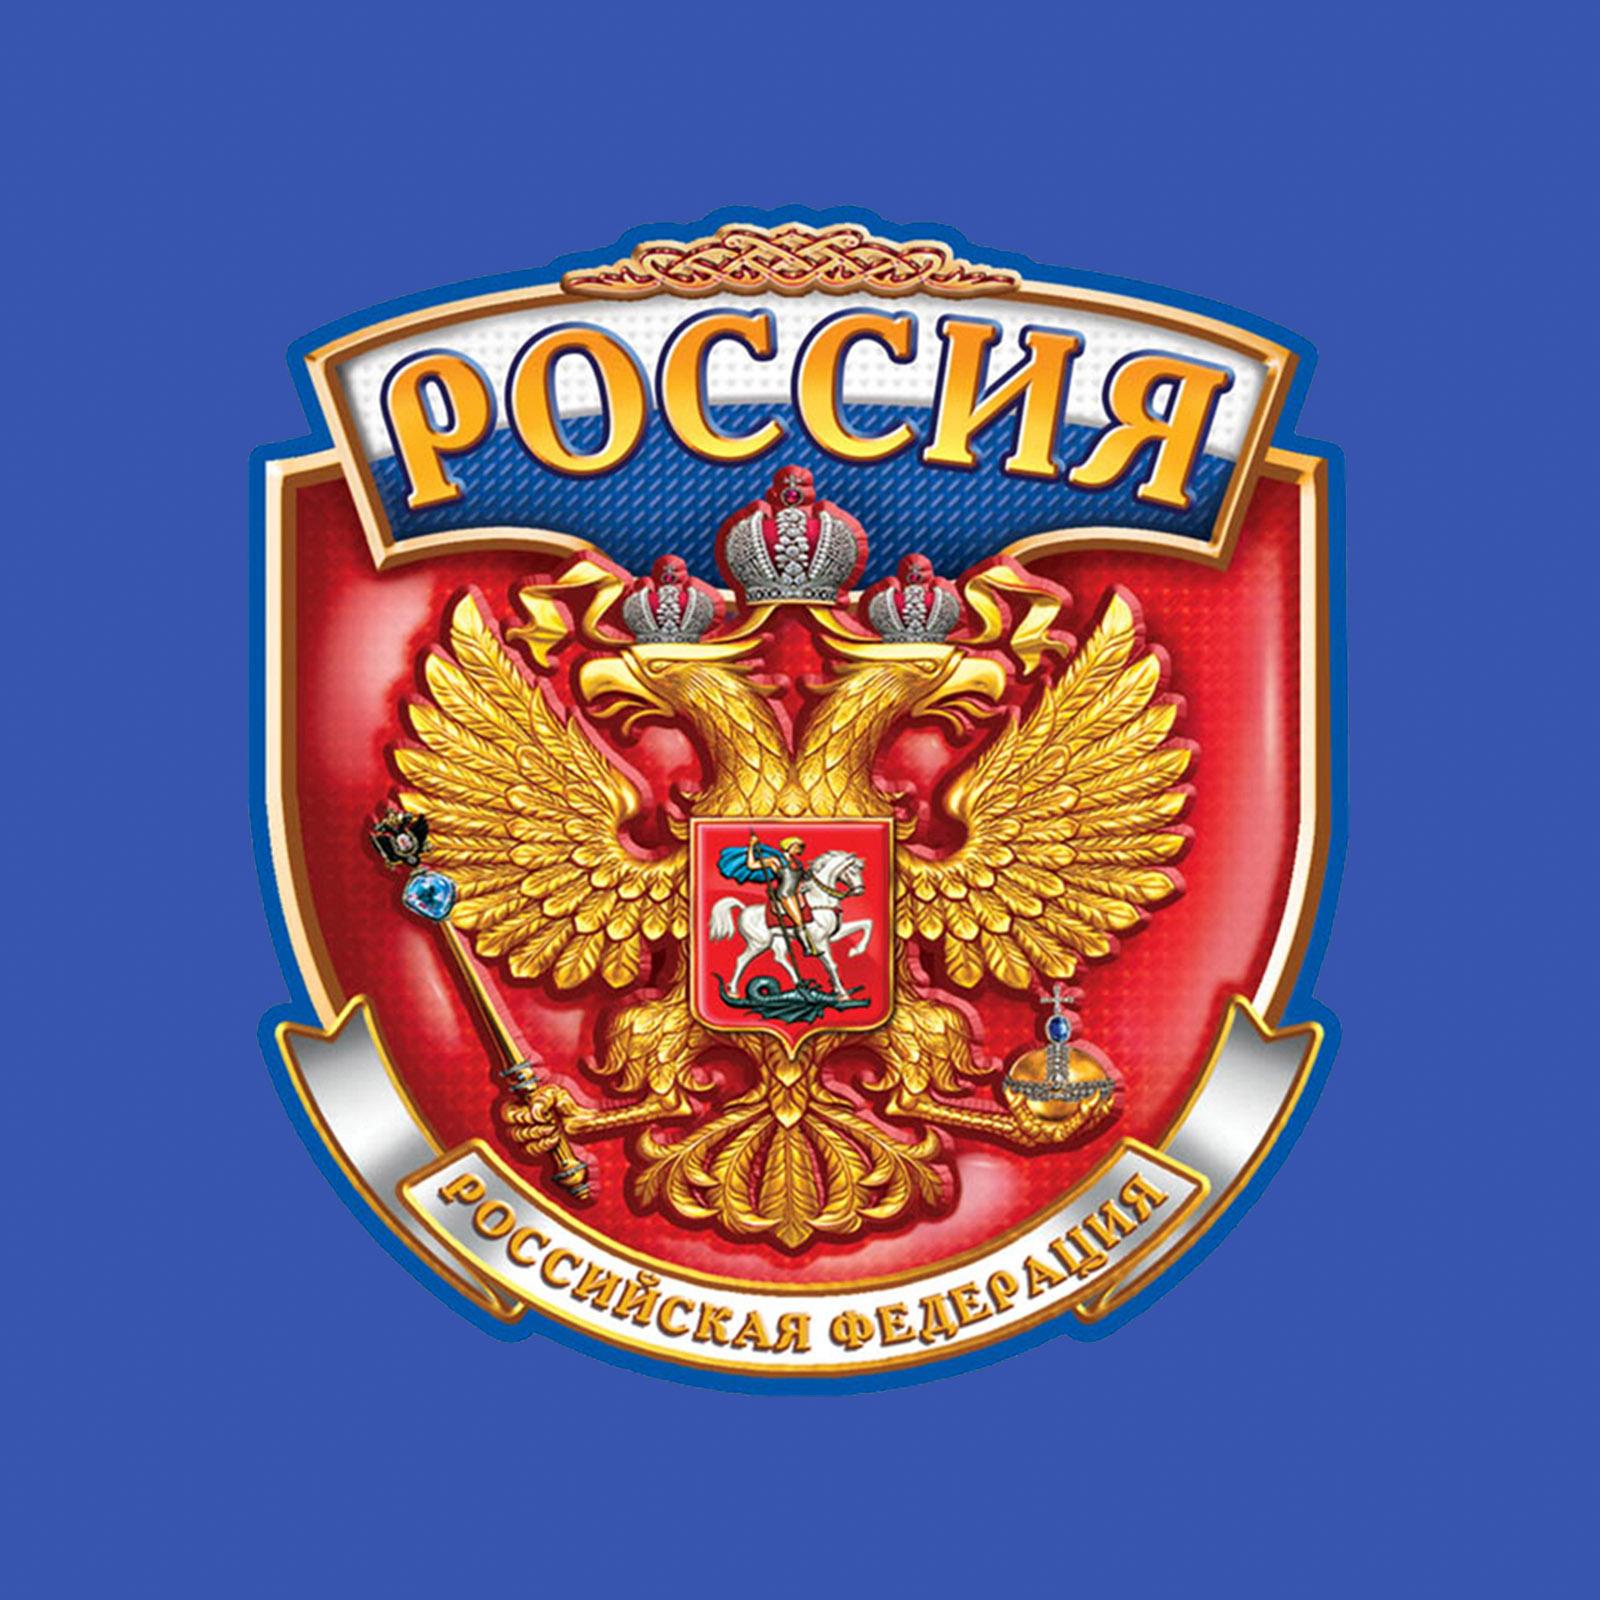 Купить патриотическую синюю бейсболку с термонаклейкой Россия по низкой цене